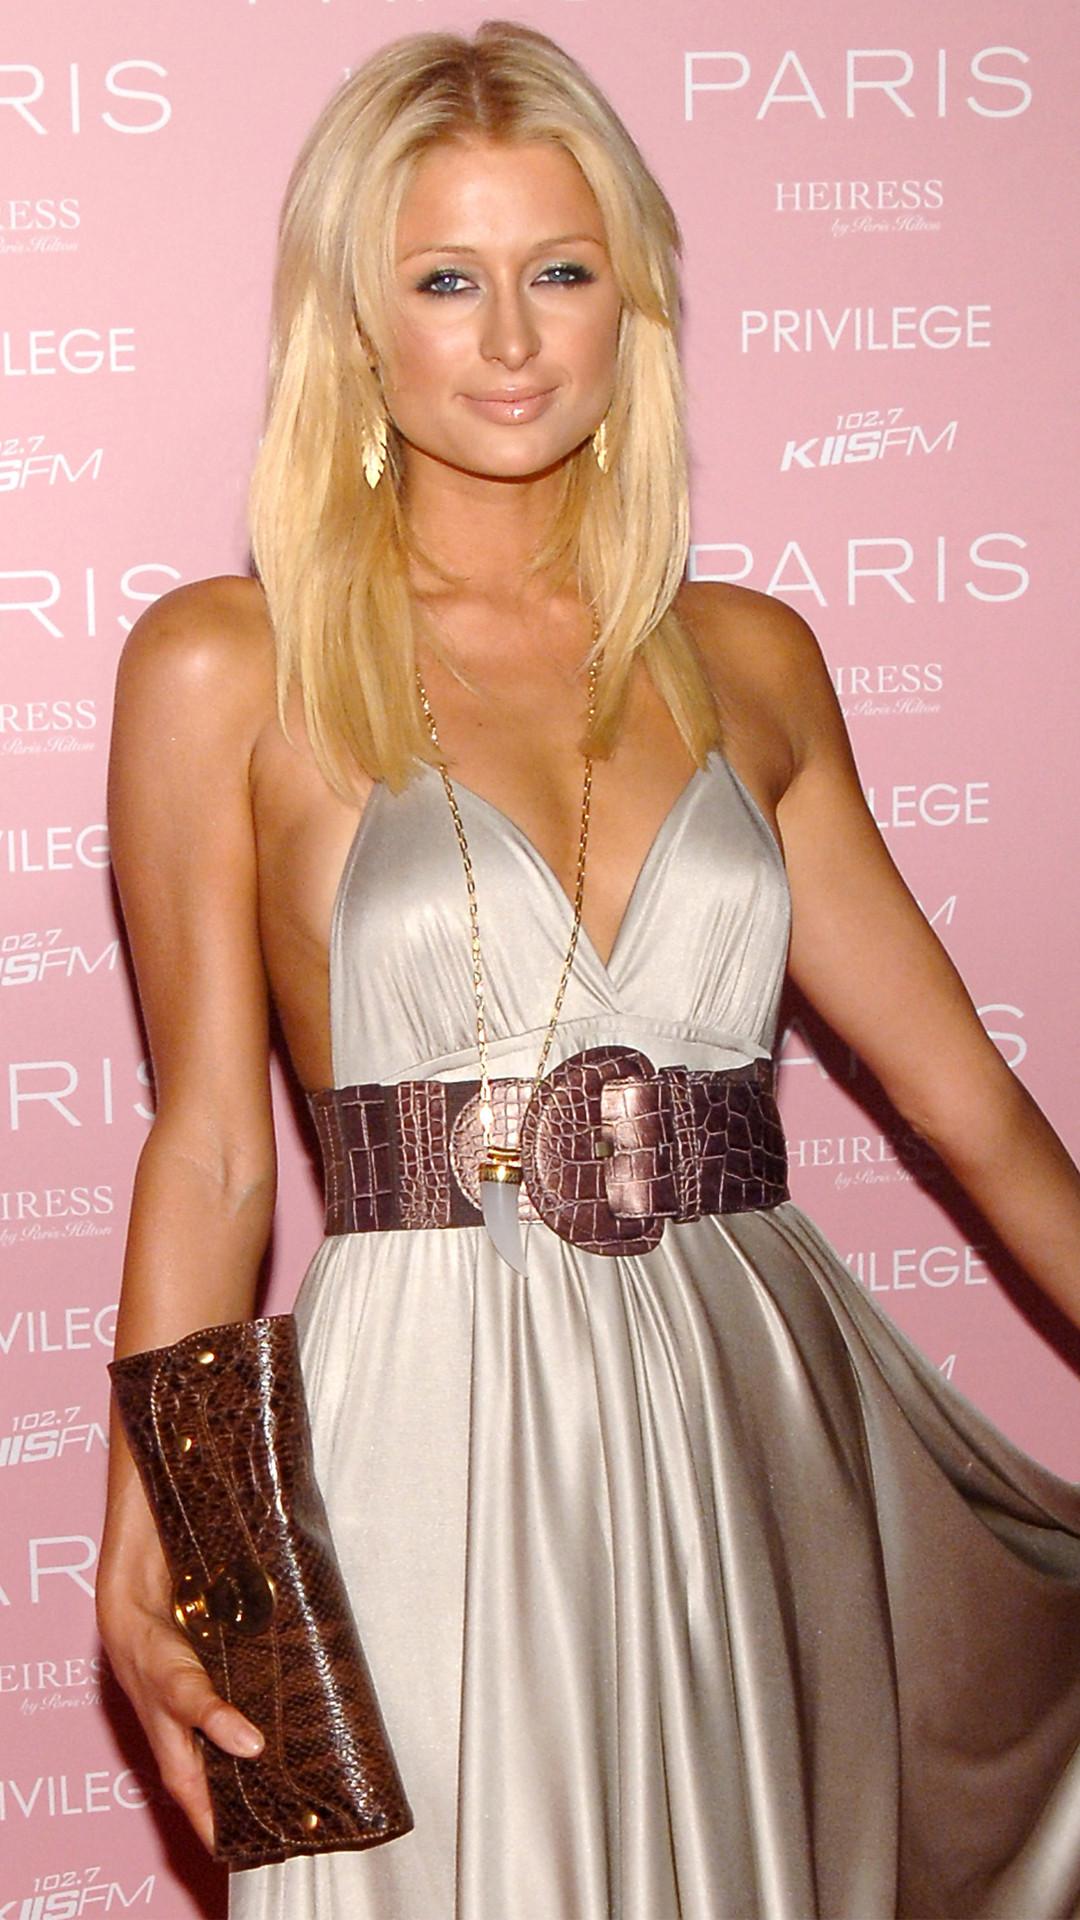 Paris Hilton, 2006